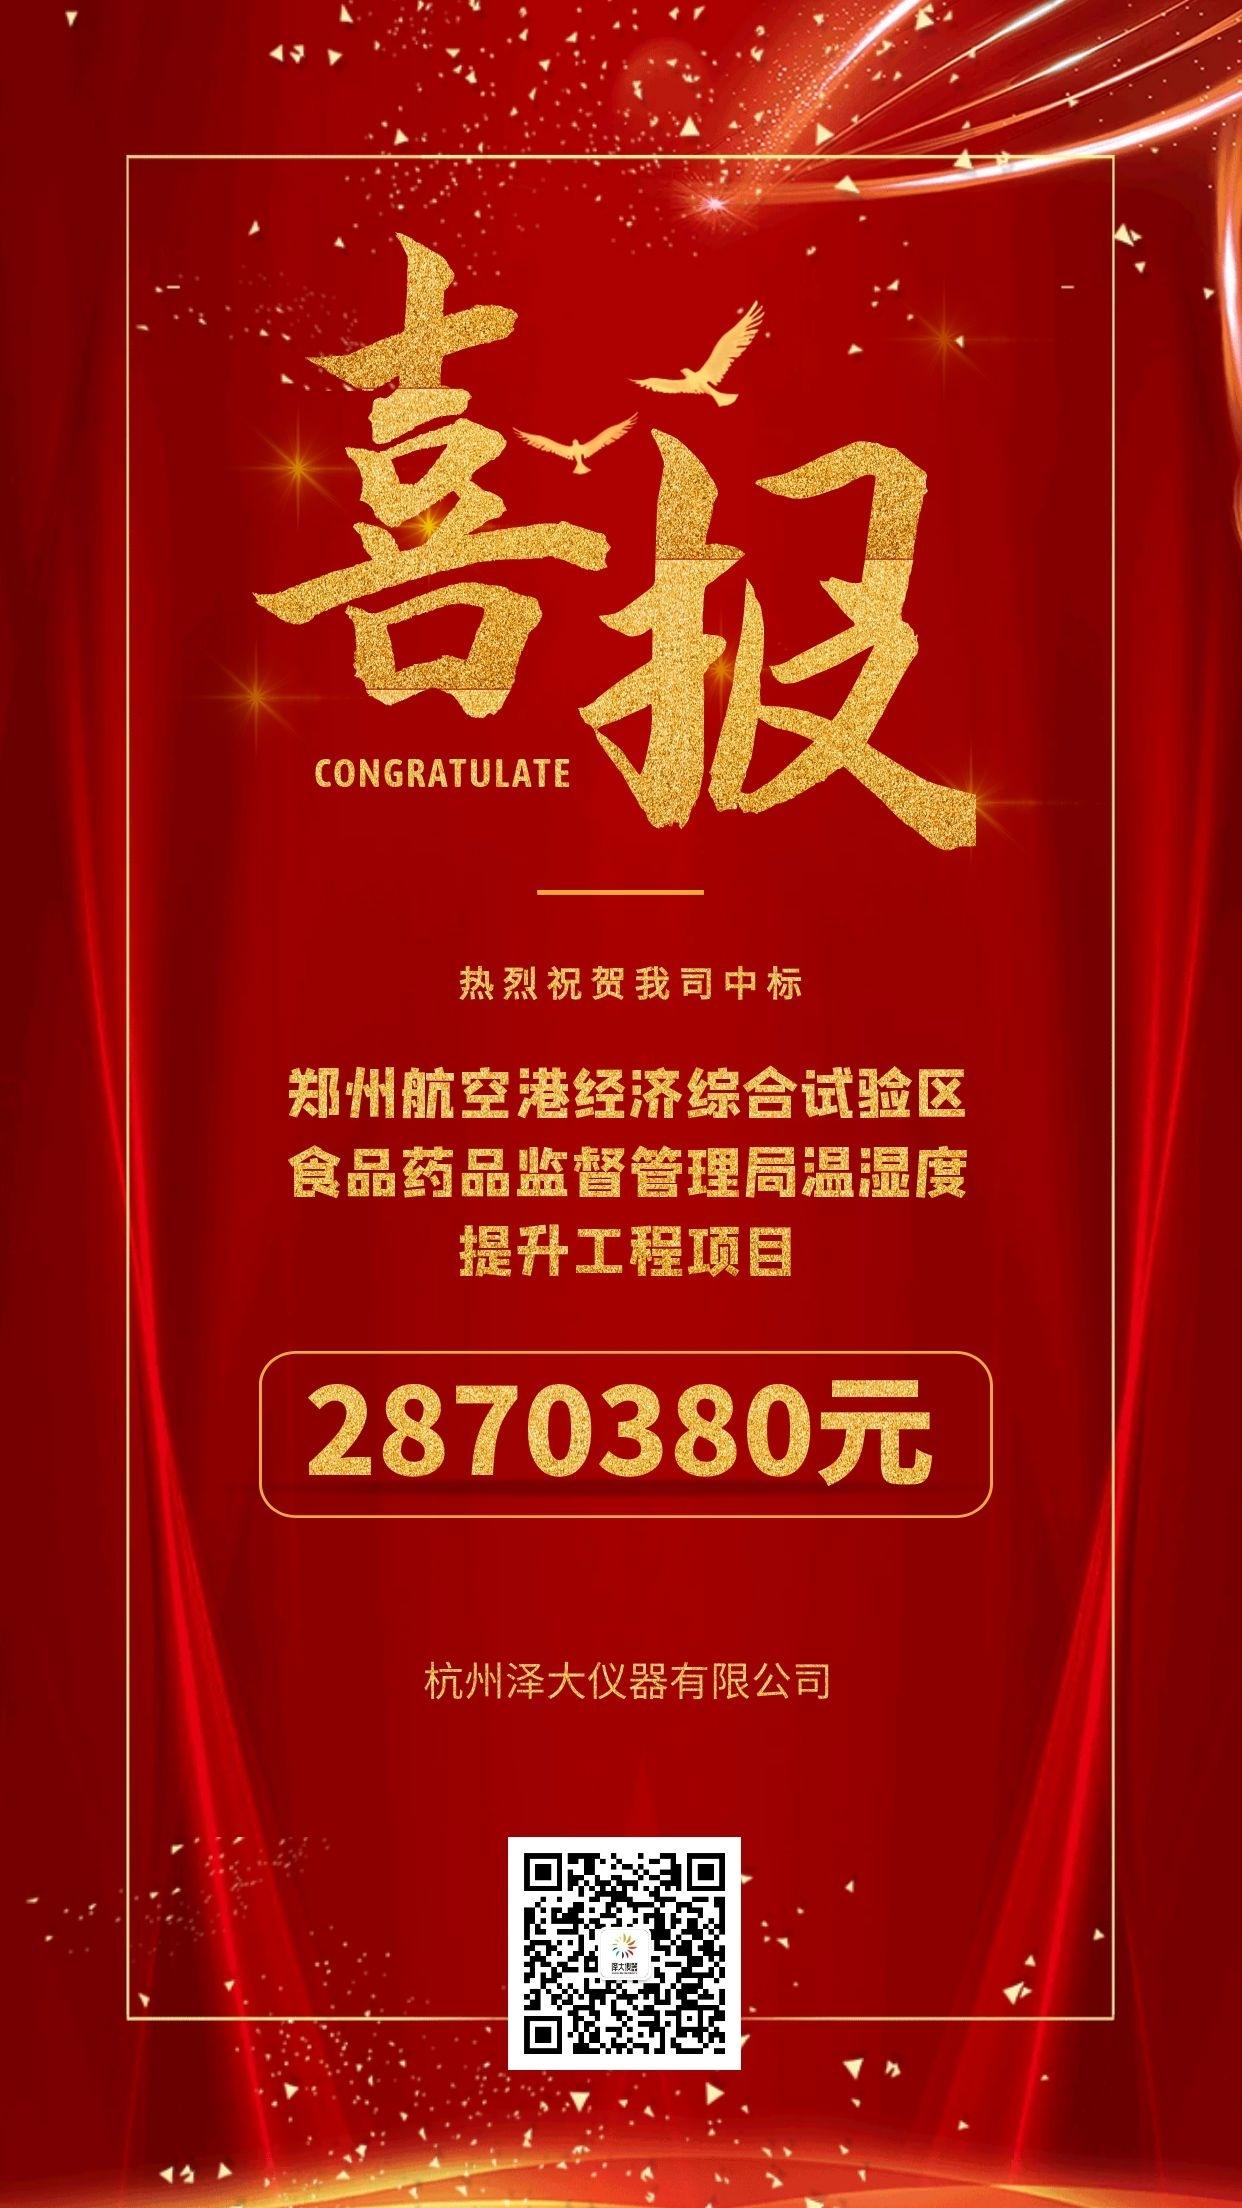 泽大中标郑州航空港经济综合试验区食品药品监督管理局温湿度提升工程项目